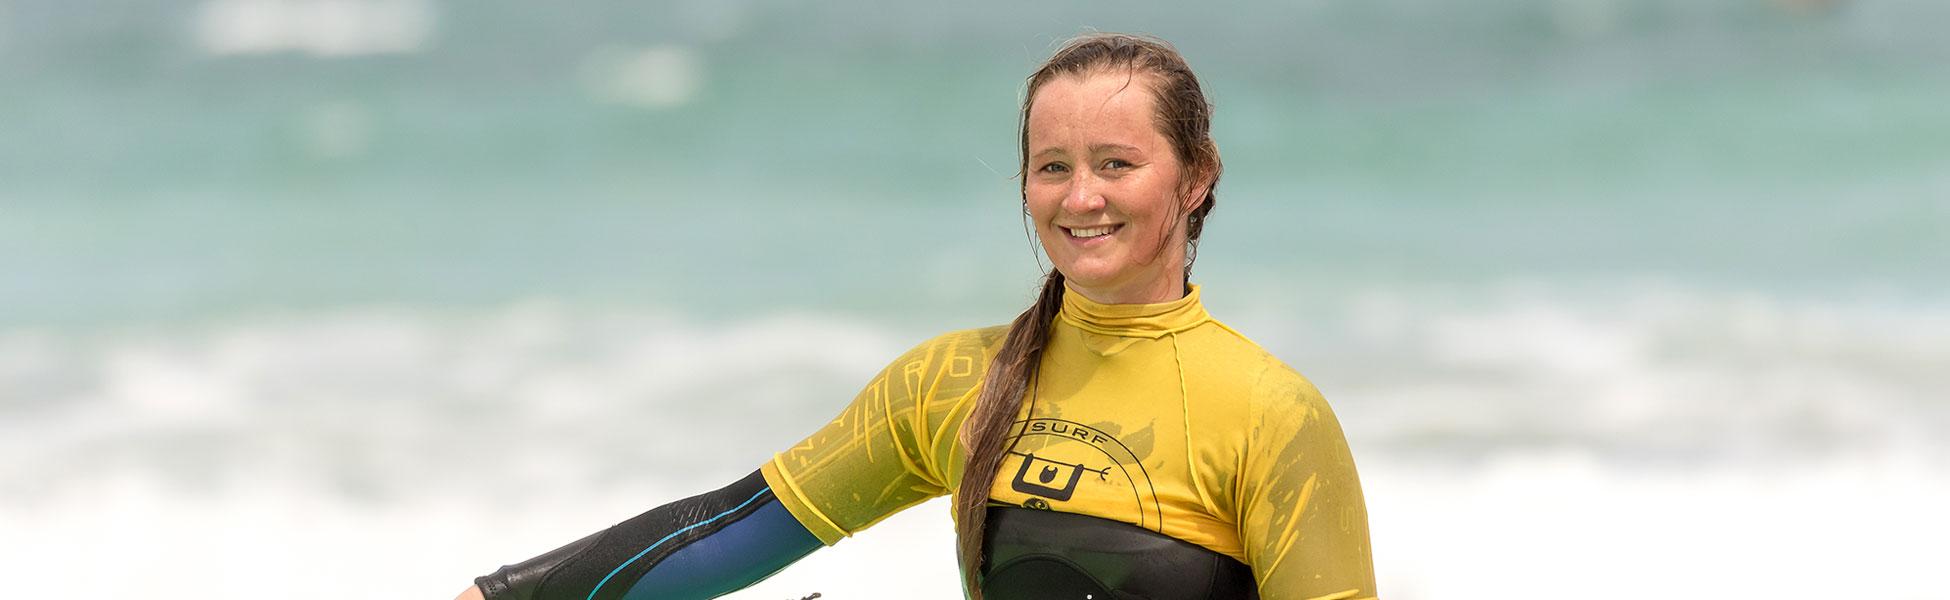 surf school lanzarote